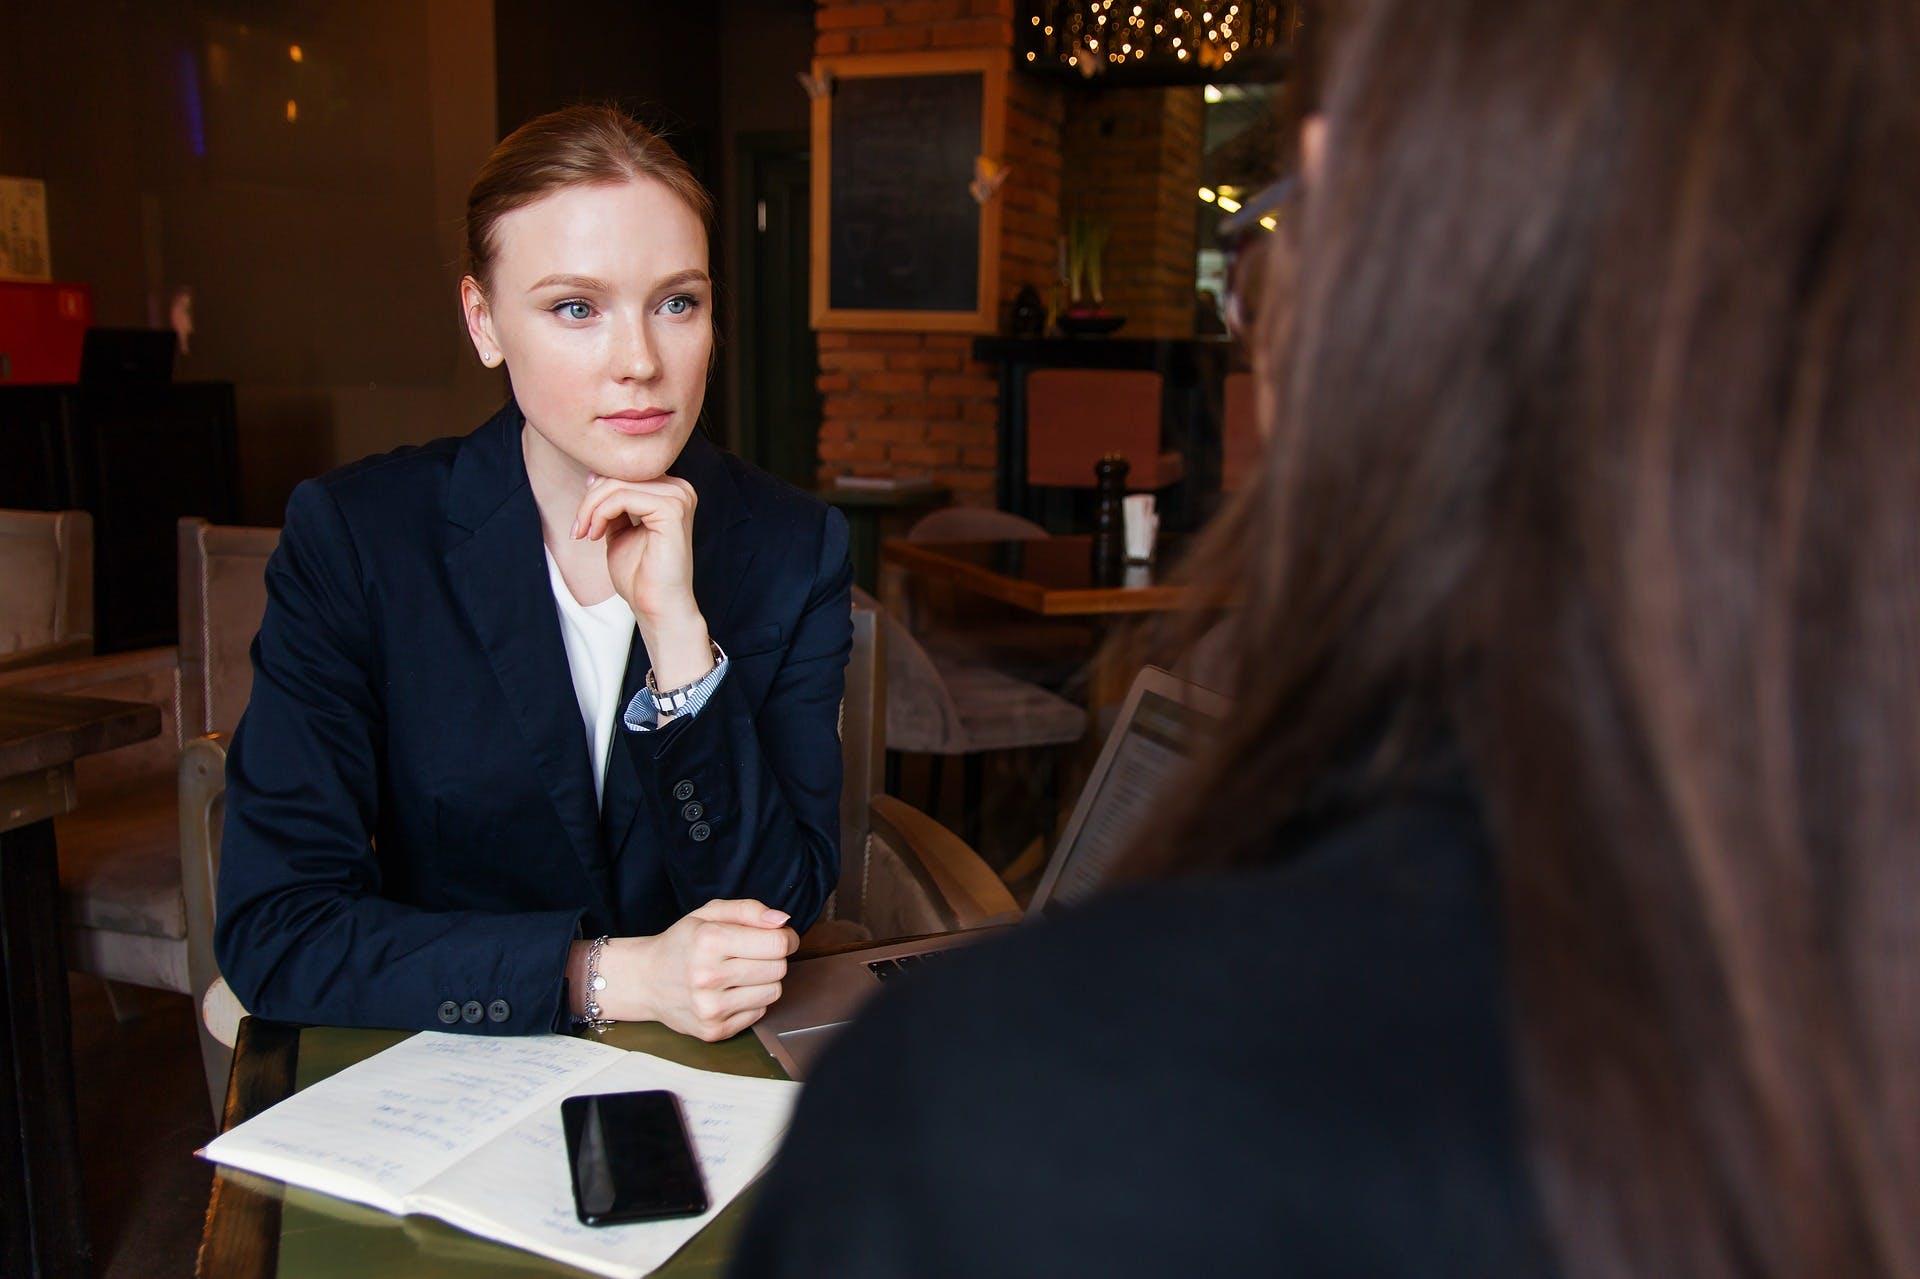 Titelbild-Vorgesetzte-Chefin-Business-Frau-Bewerbung-Vorstellung-pixabay-3560931-nastya_gepp